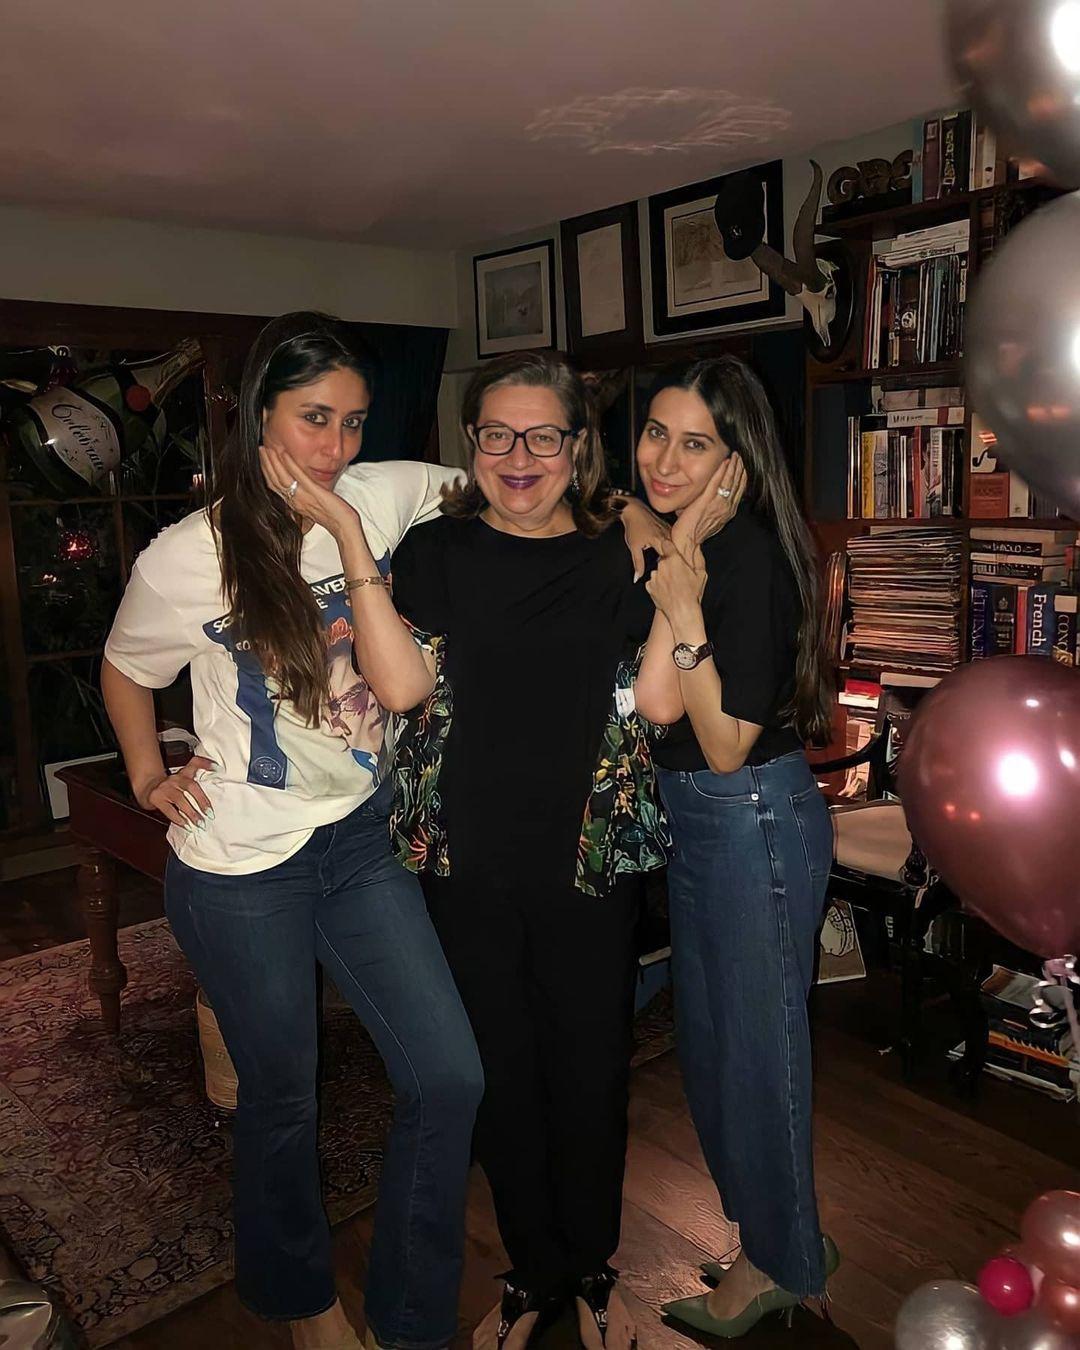 كارينا مع والدتها وشقيقتها-الصورة من أنستغرام